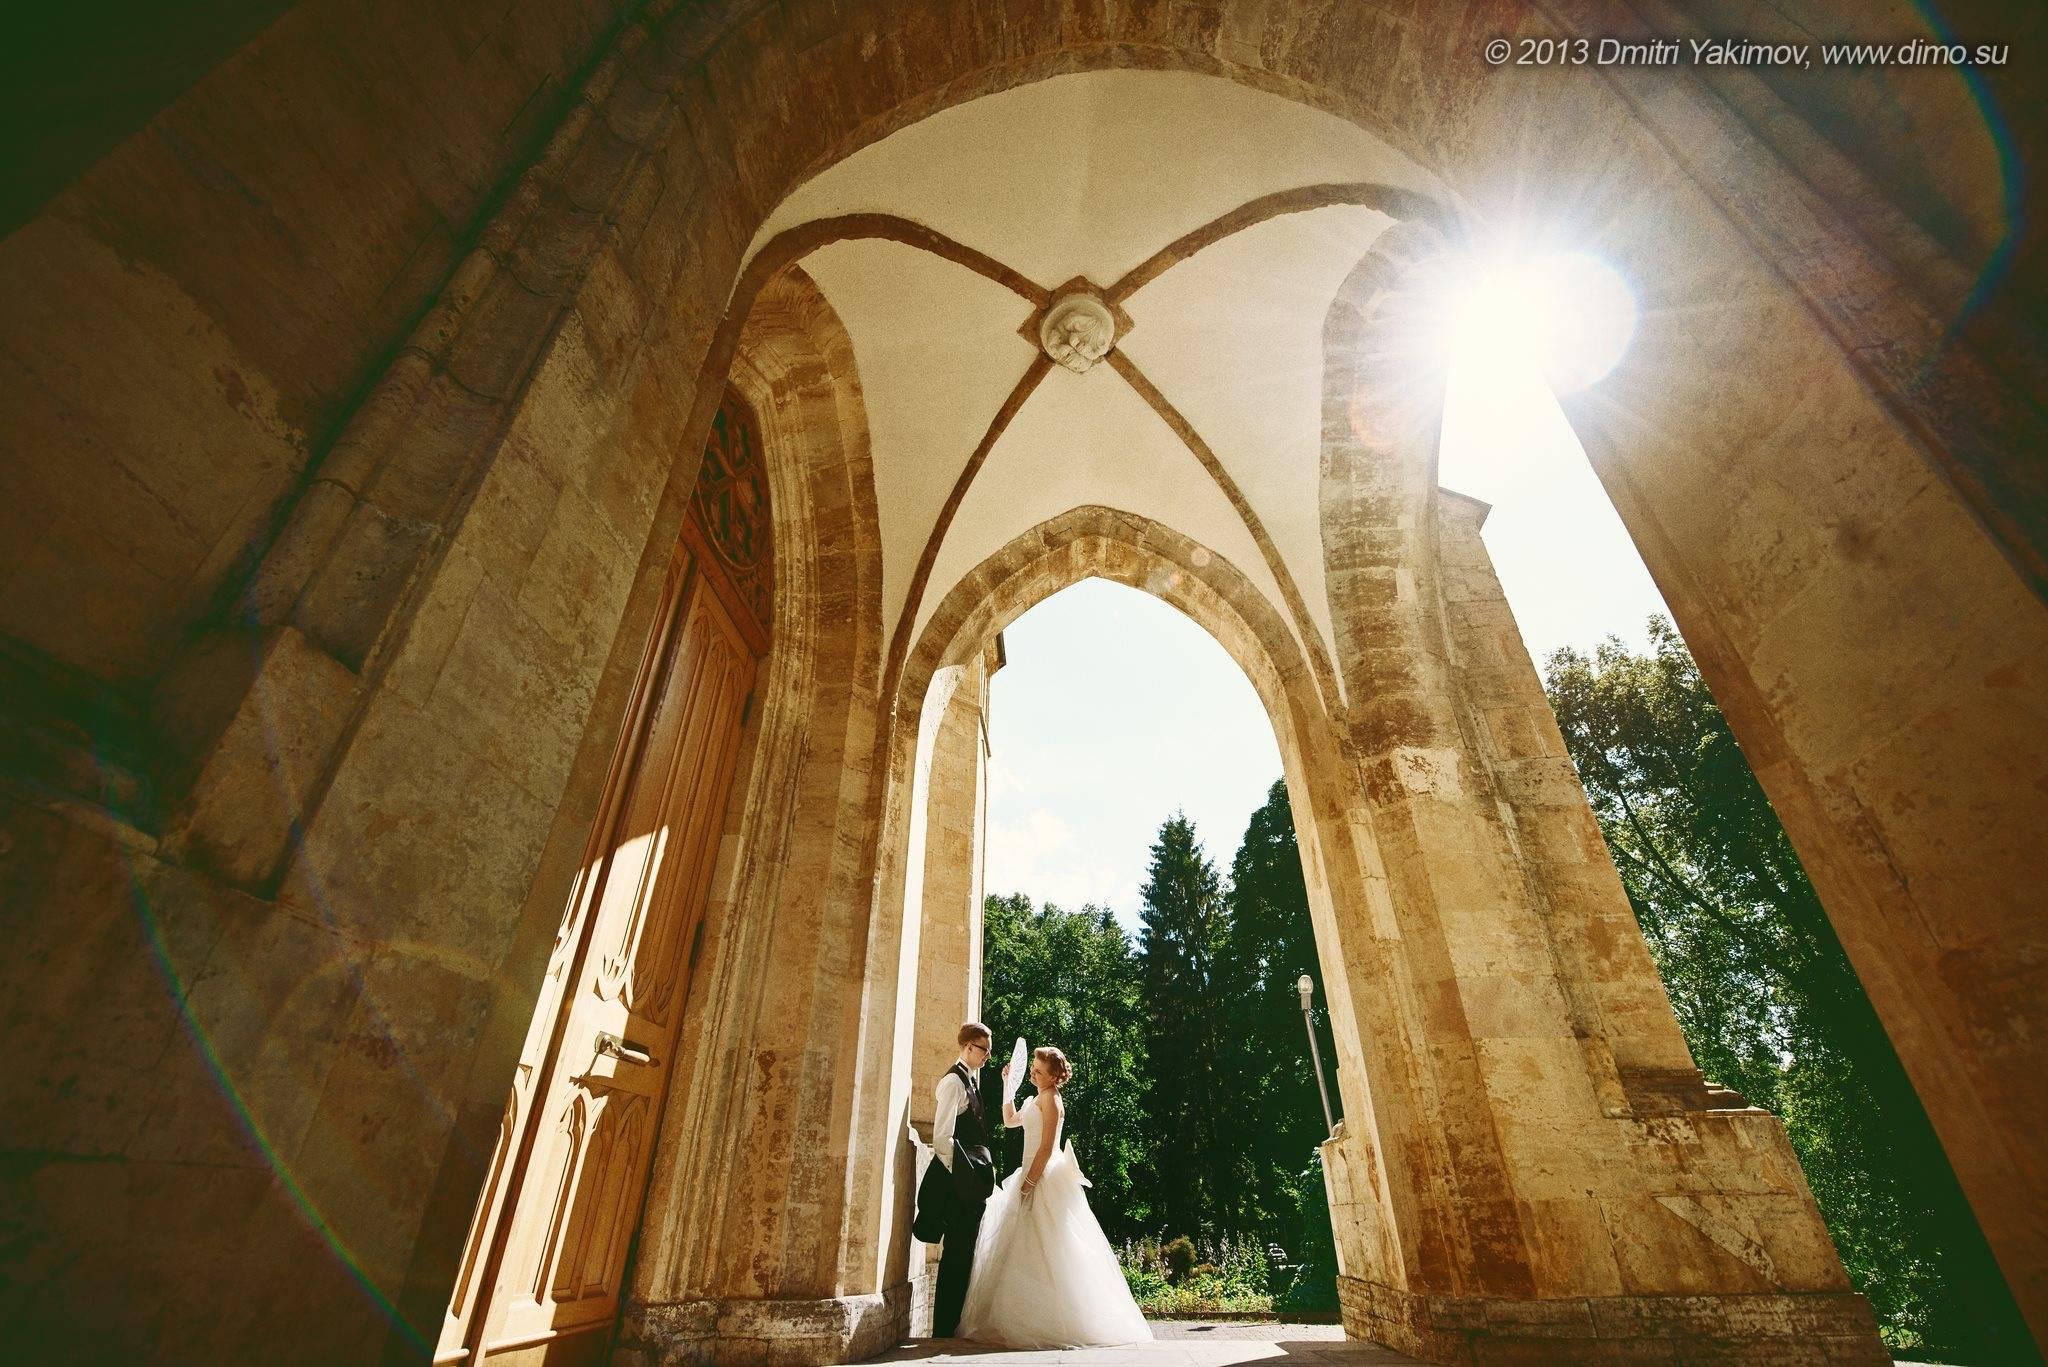 Хорошие свадебные фотографии Марии и Виталия. Свадебное фото от фотографа Дмитрия Якимова, Петербург